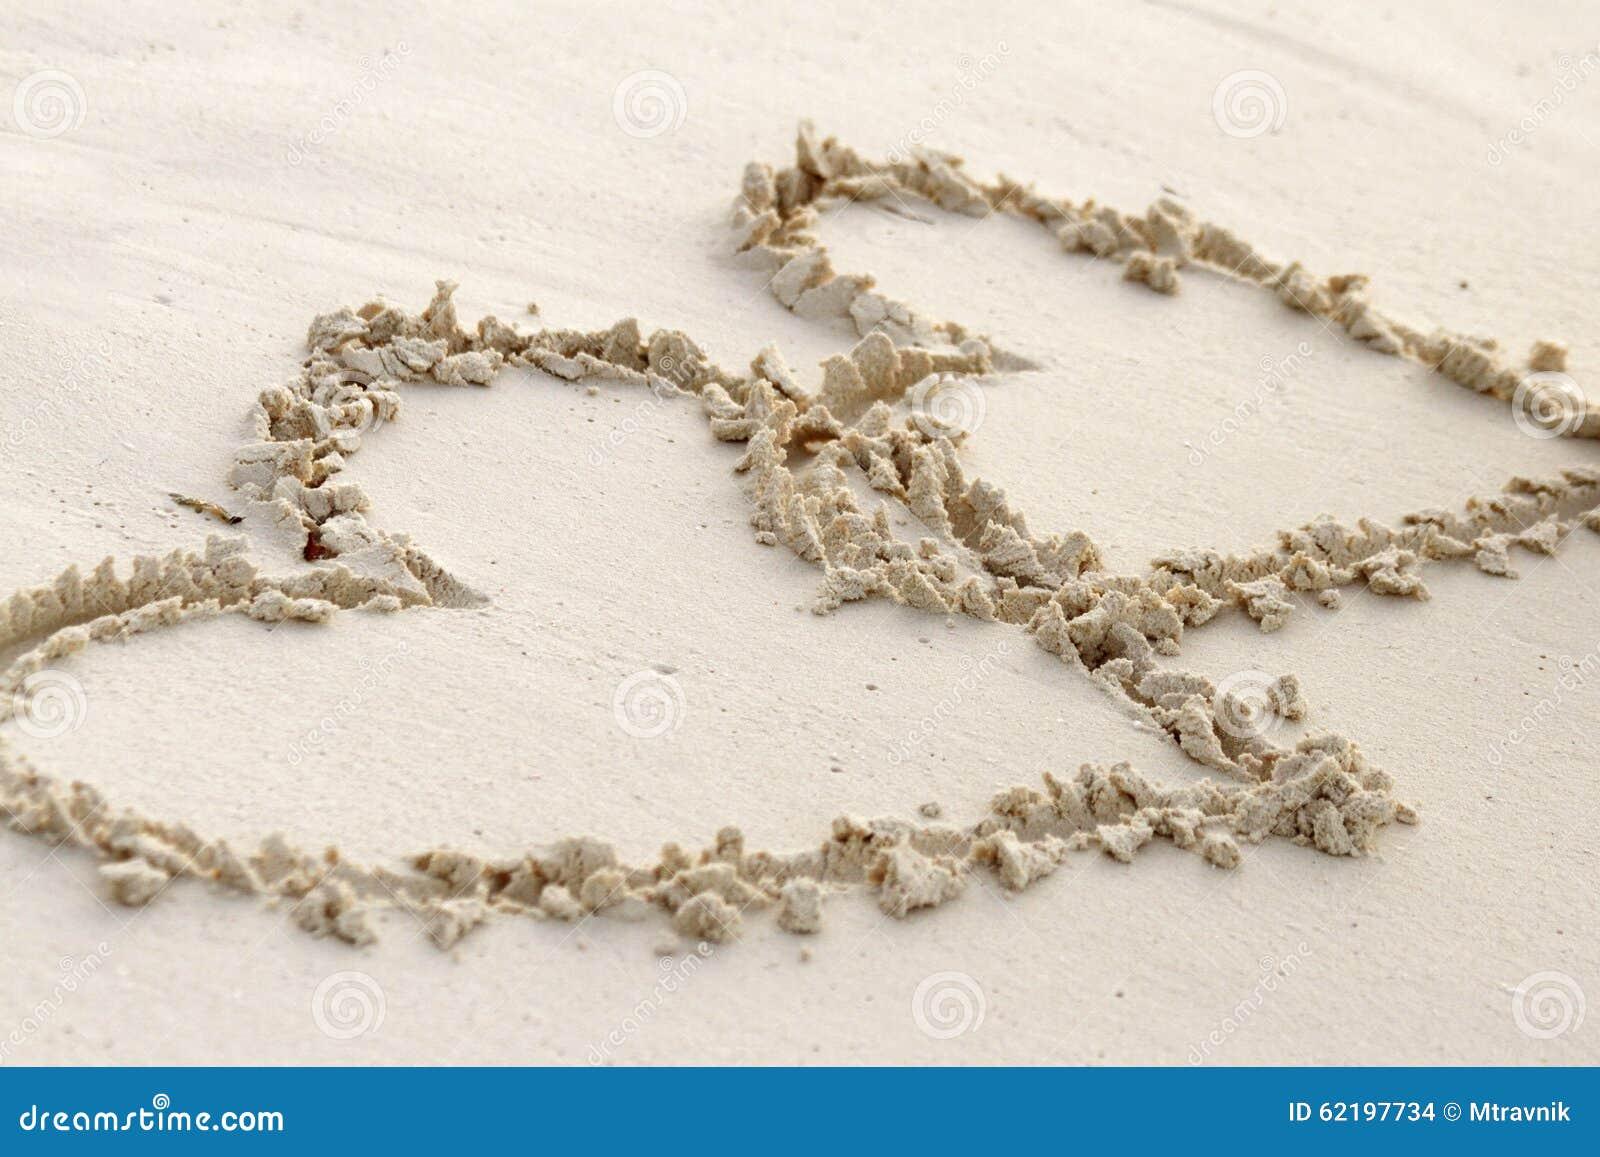 Amor Escrito En Arena: Dos Corazones Escritos En Arena En Una Playa Foto De